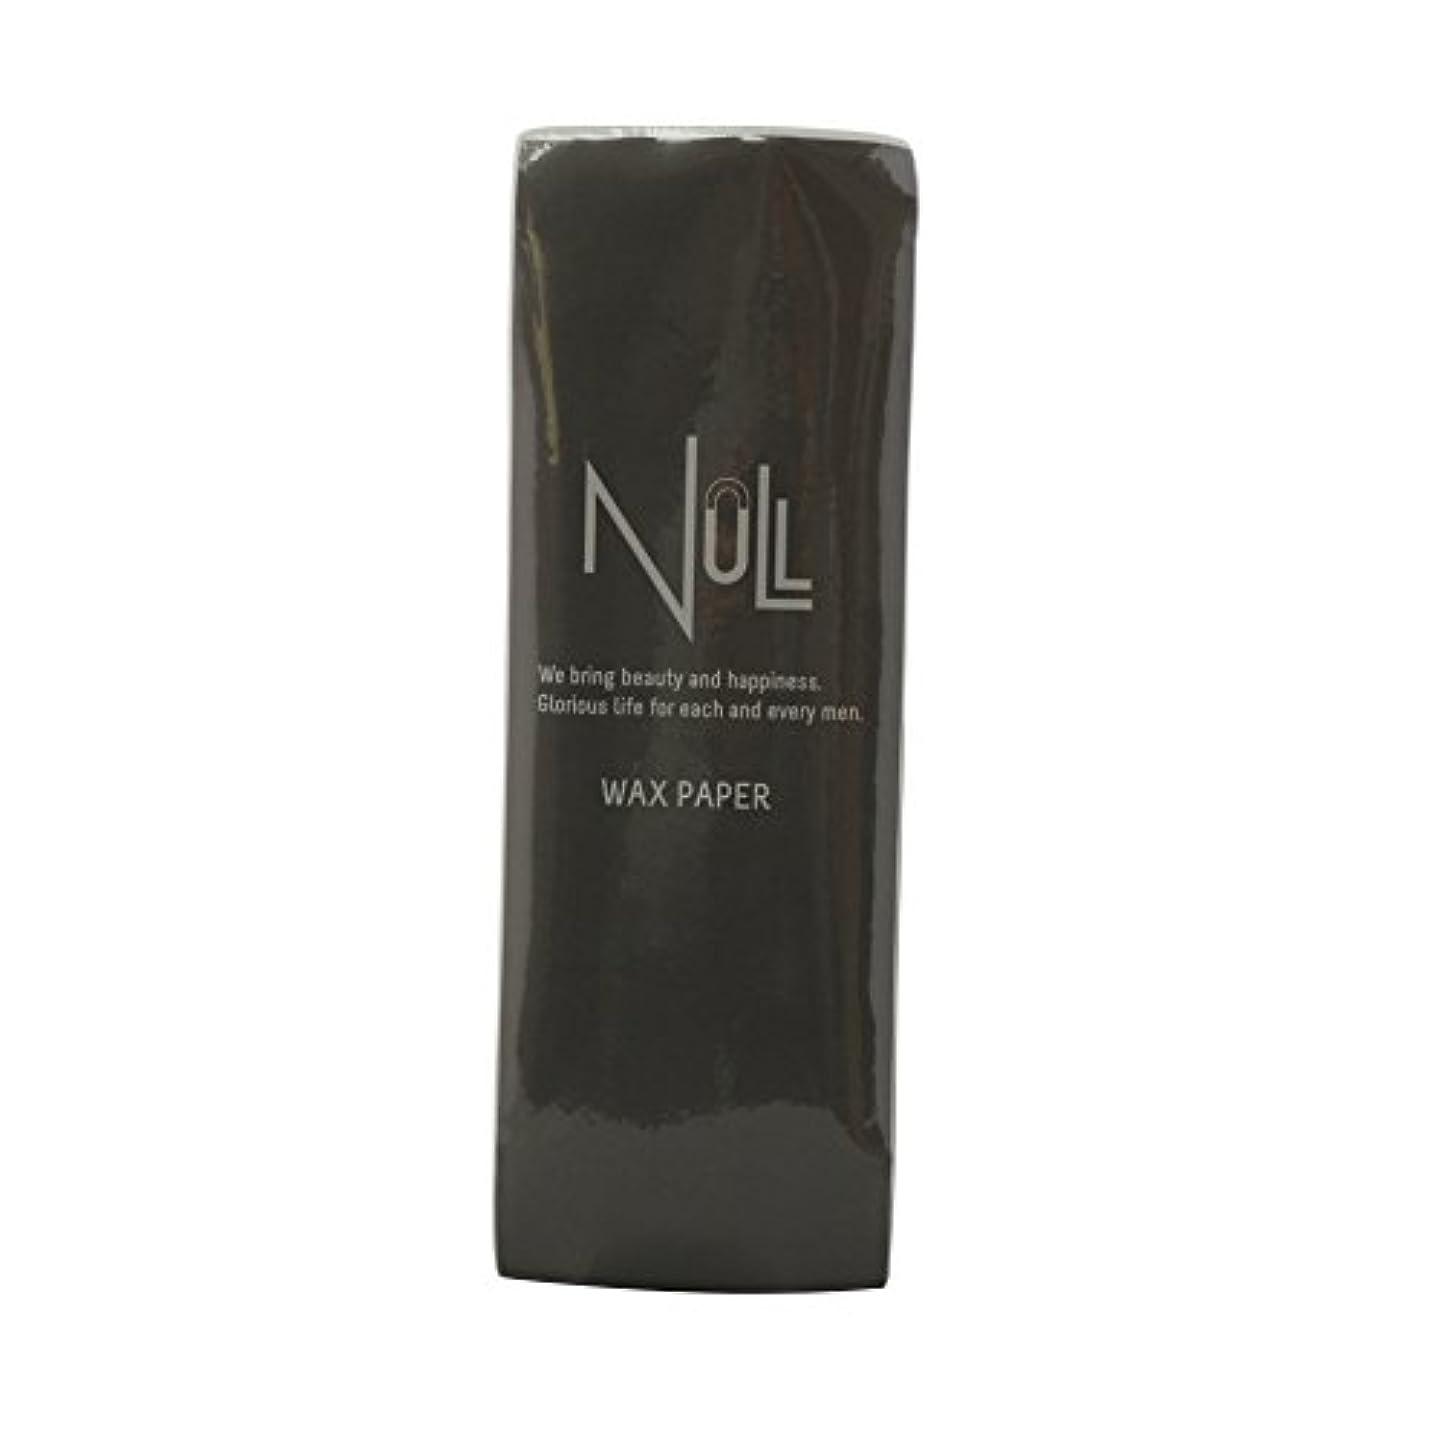 フロンティアラッドヤードキップリング石化するNULL ブラジリアンワックス用ペーパー 100枚入り 70mm幅 ワックス脱毛 専用